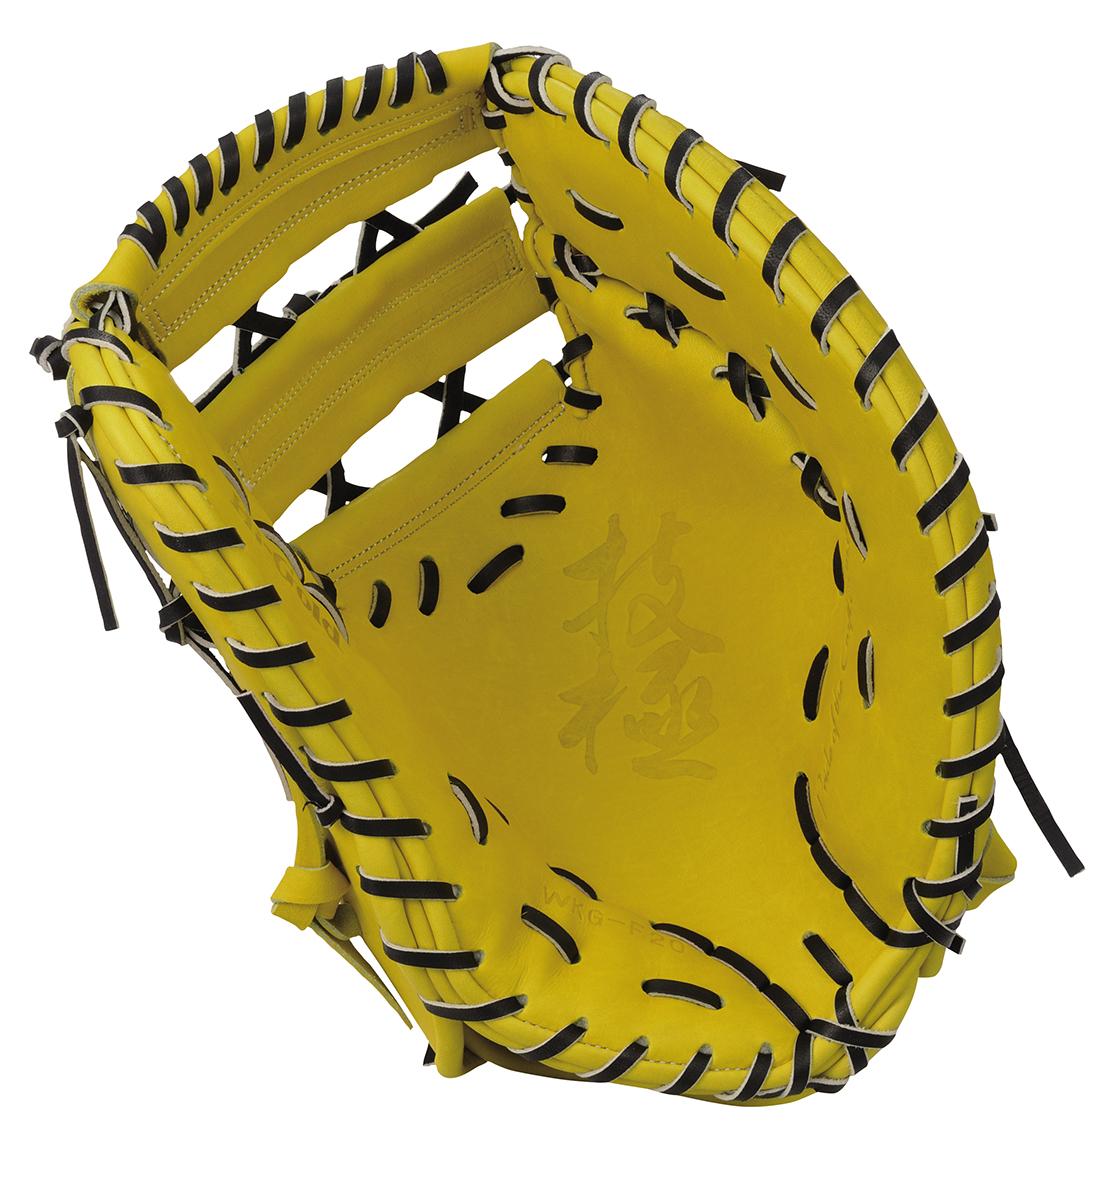 ハイゴールド 硬式野球ミット 技極硬式用ミットシリーズ 一塁手用グローブ ウイニングバック2 ナチュラルイエロー×ブラック WKGF20 送料無料 2020年モデル